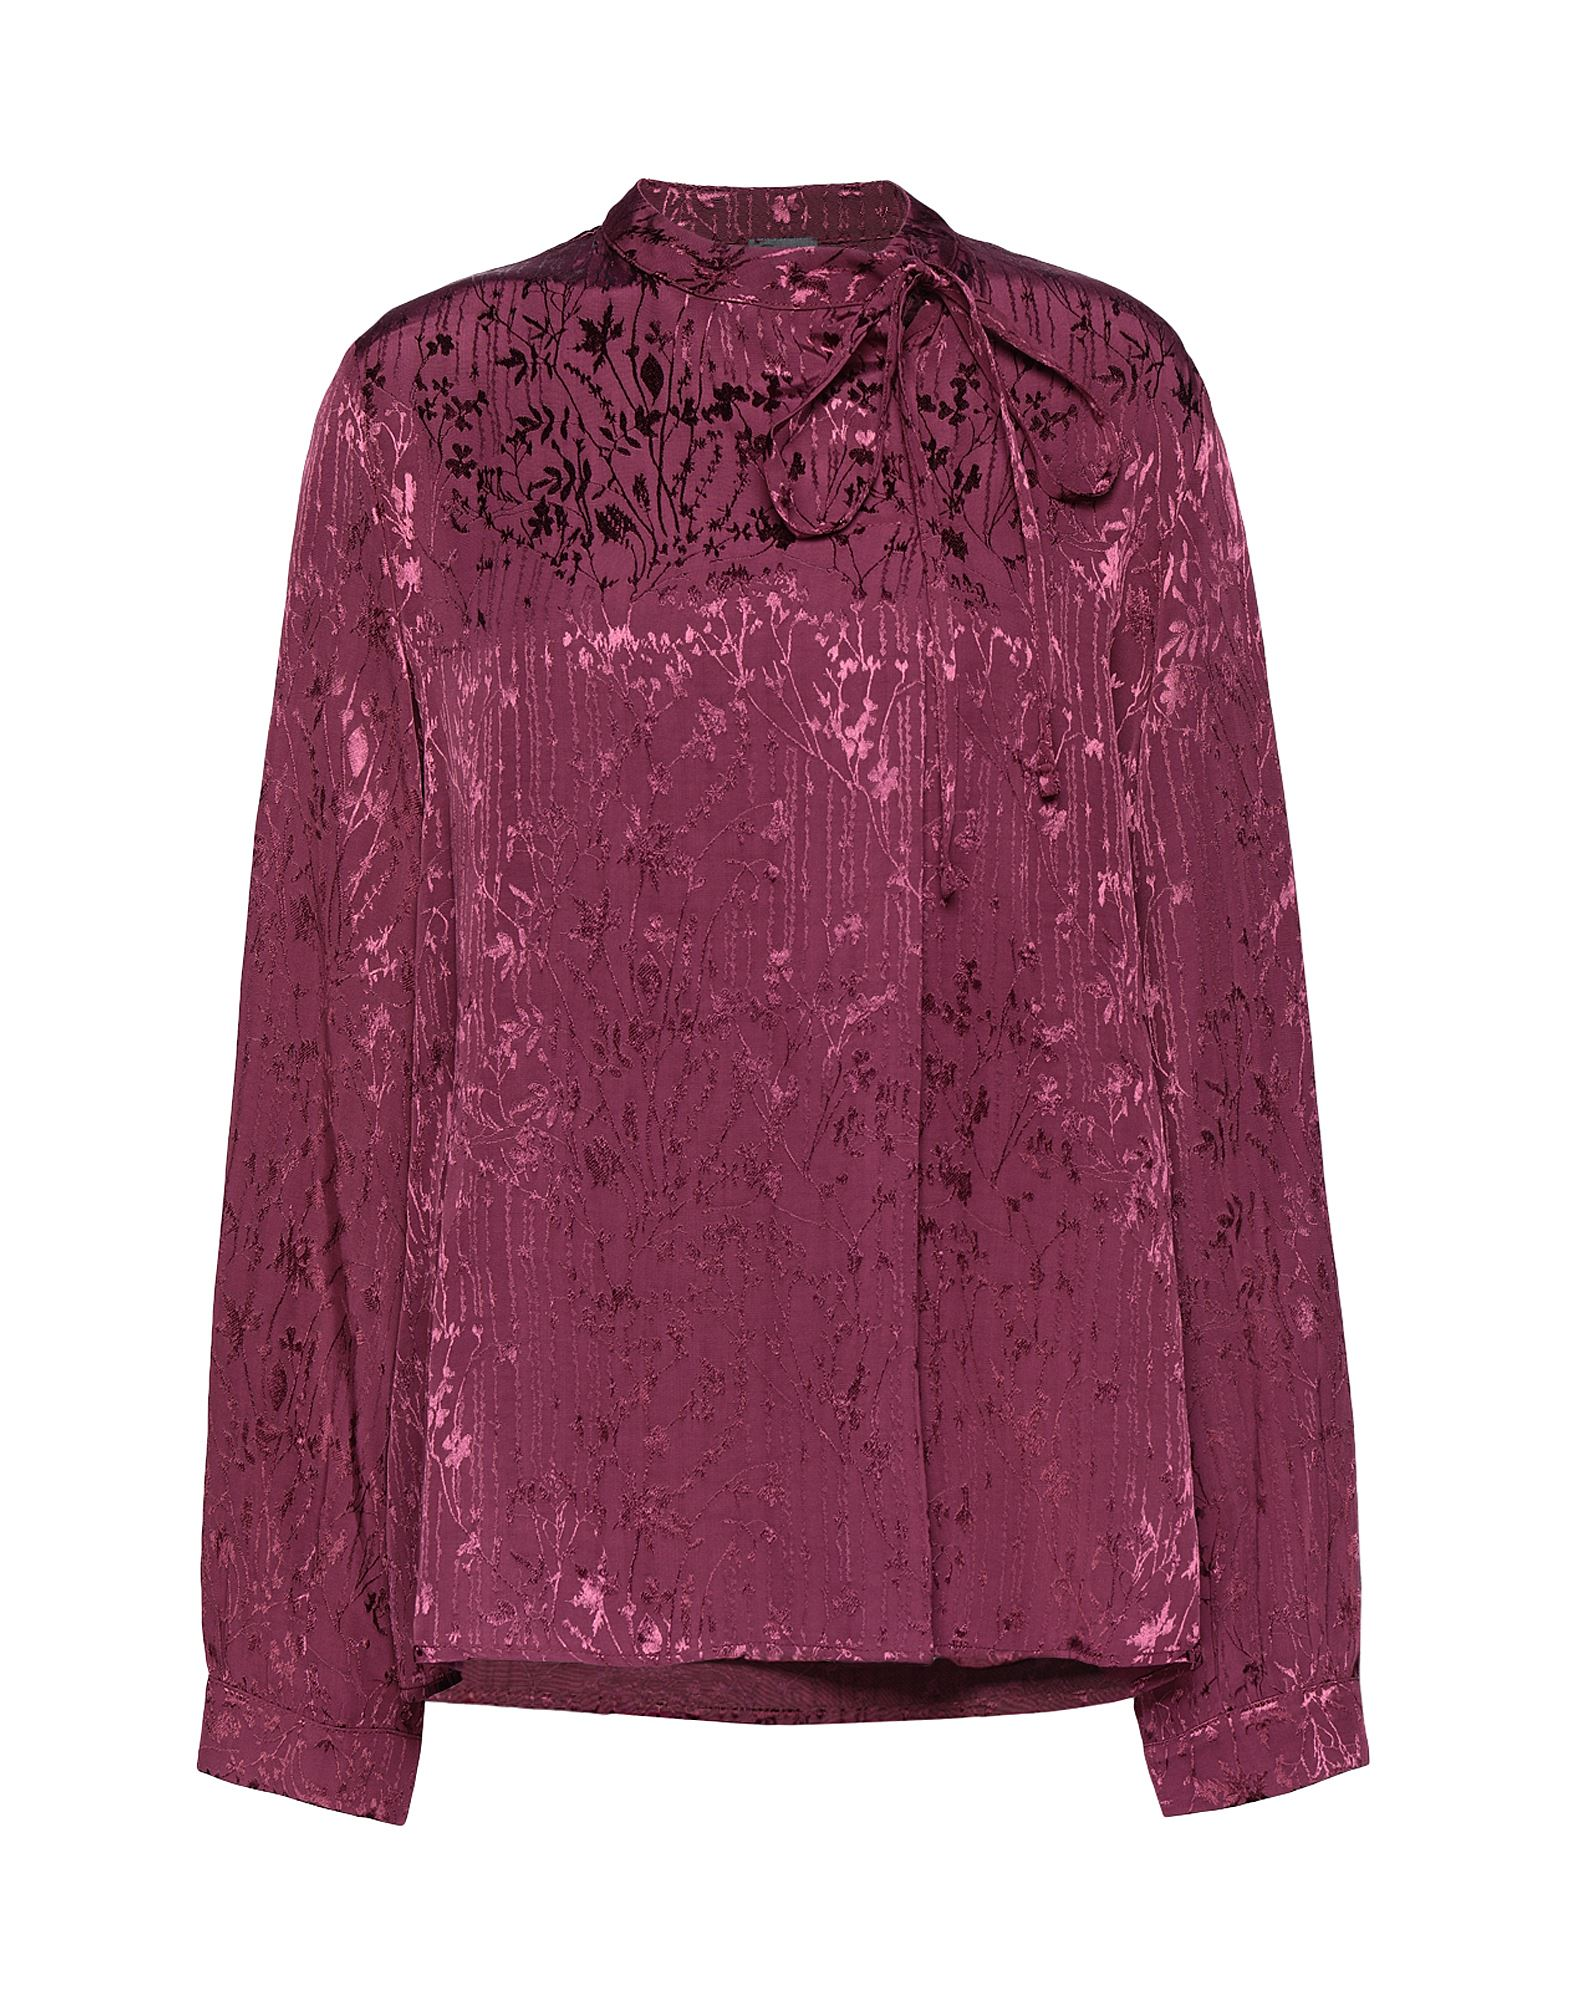 fwjx0905 блузка женская